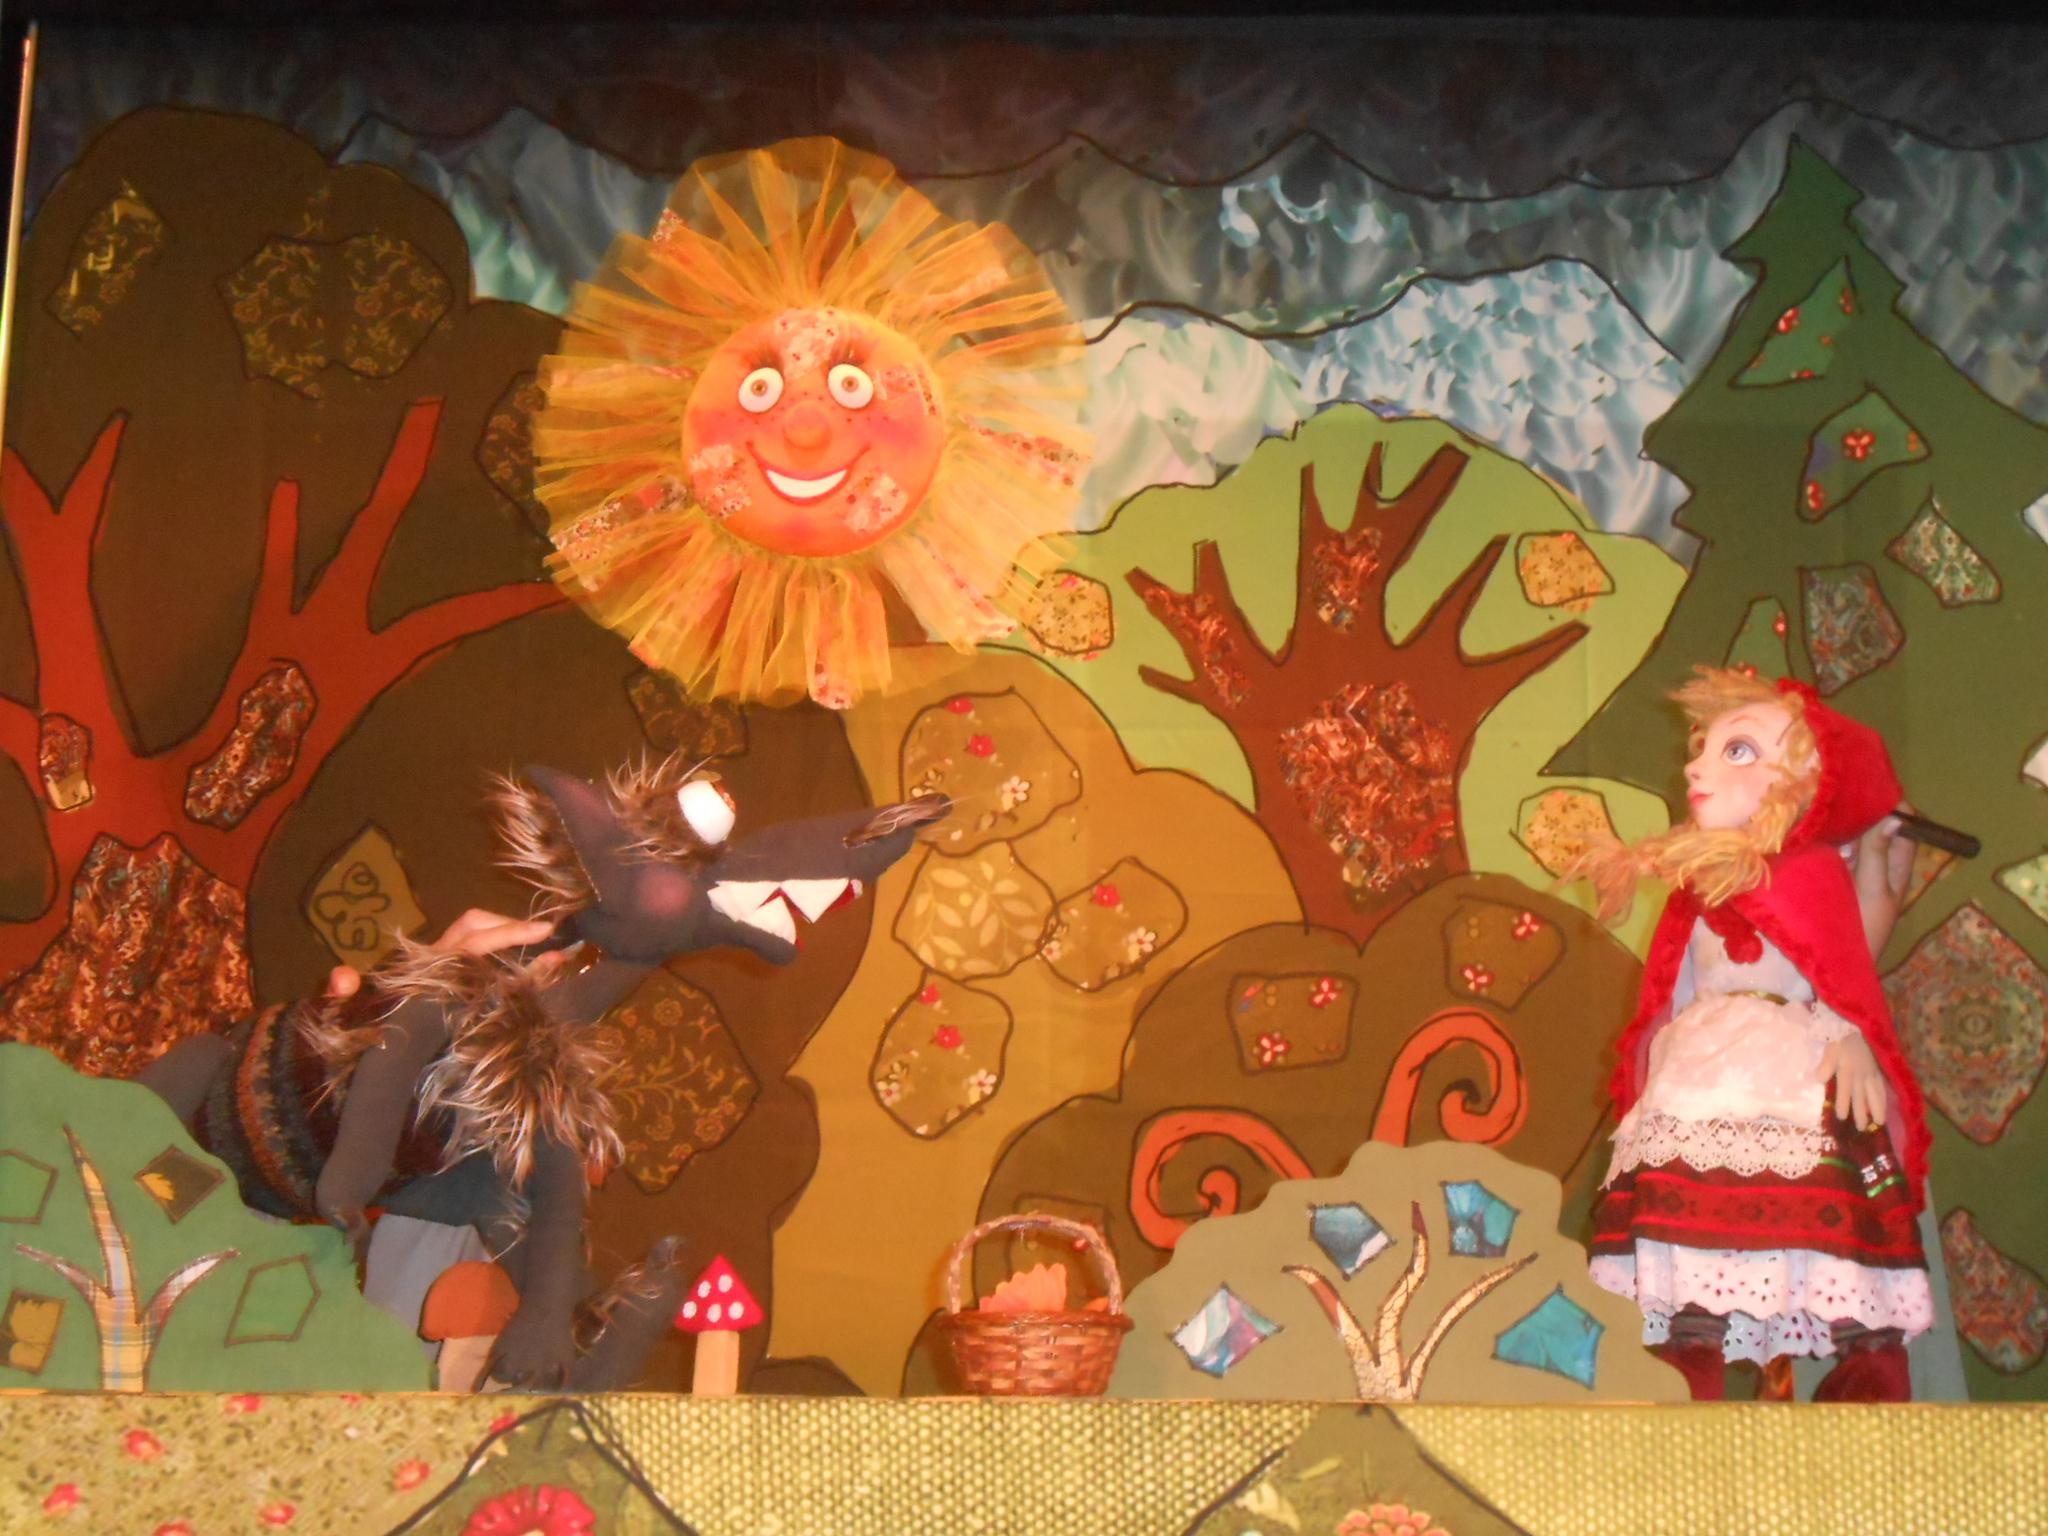 Кукольные спектакли и фестиваль свёклы: тамбовские мероприятия на неделю